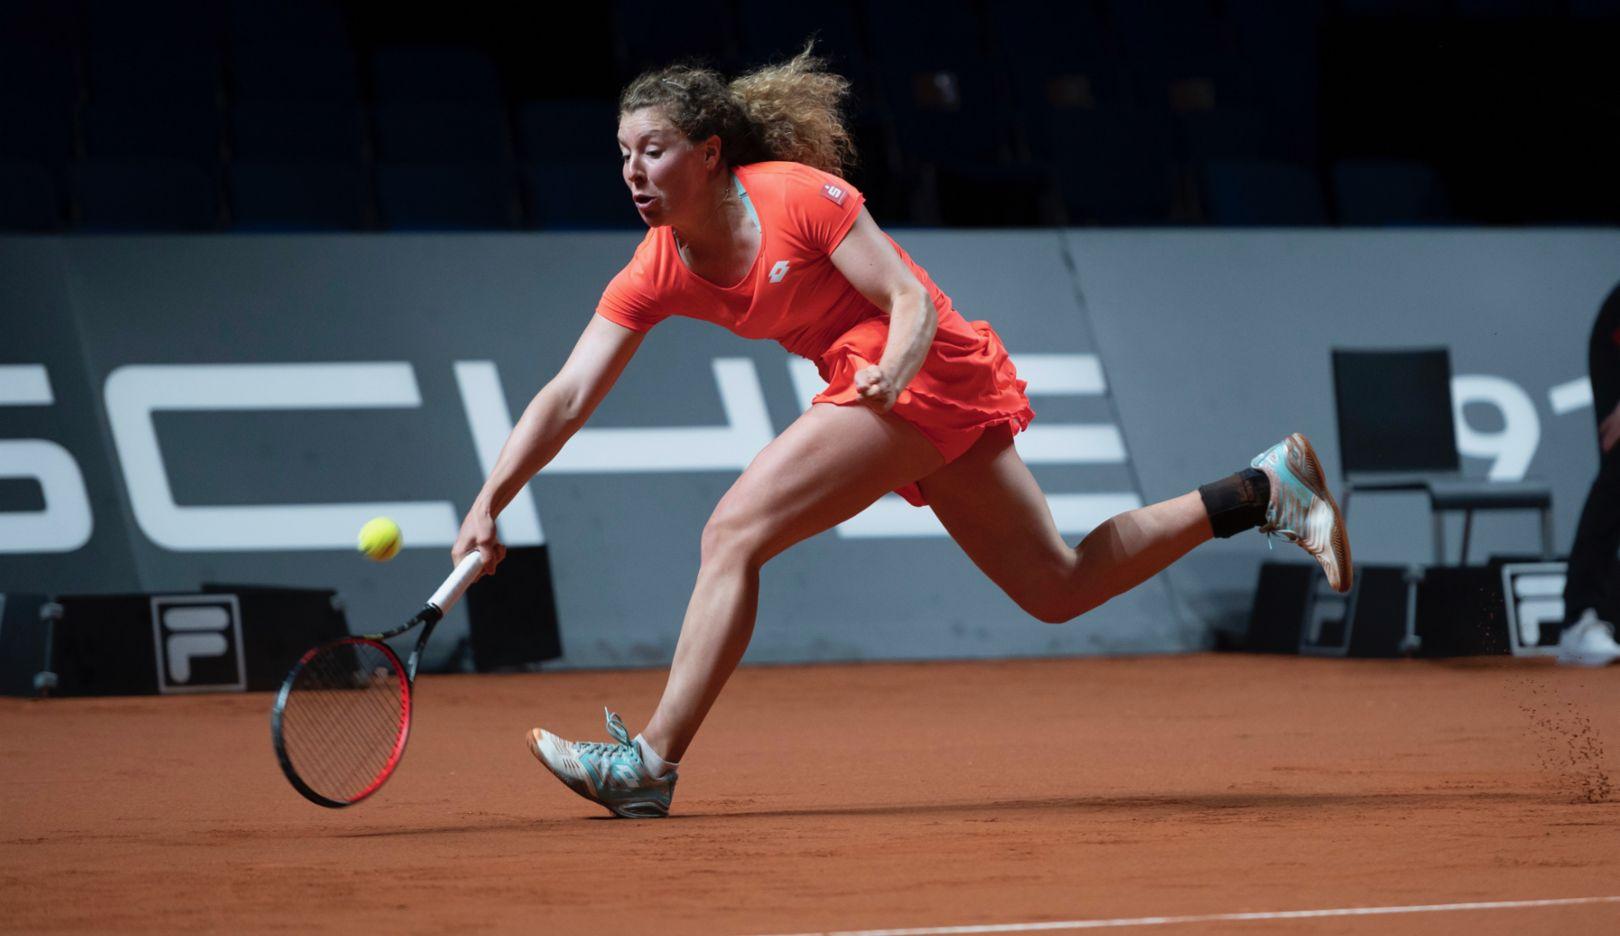 Anna-Lena Friedsam, Porsche Tennis Grand Prix, Stuttgart, 2019, Porsche AG